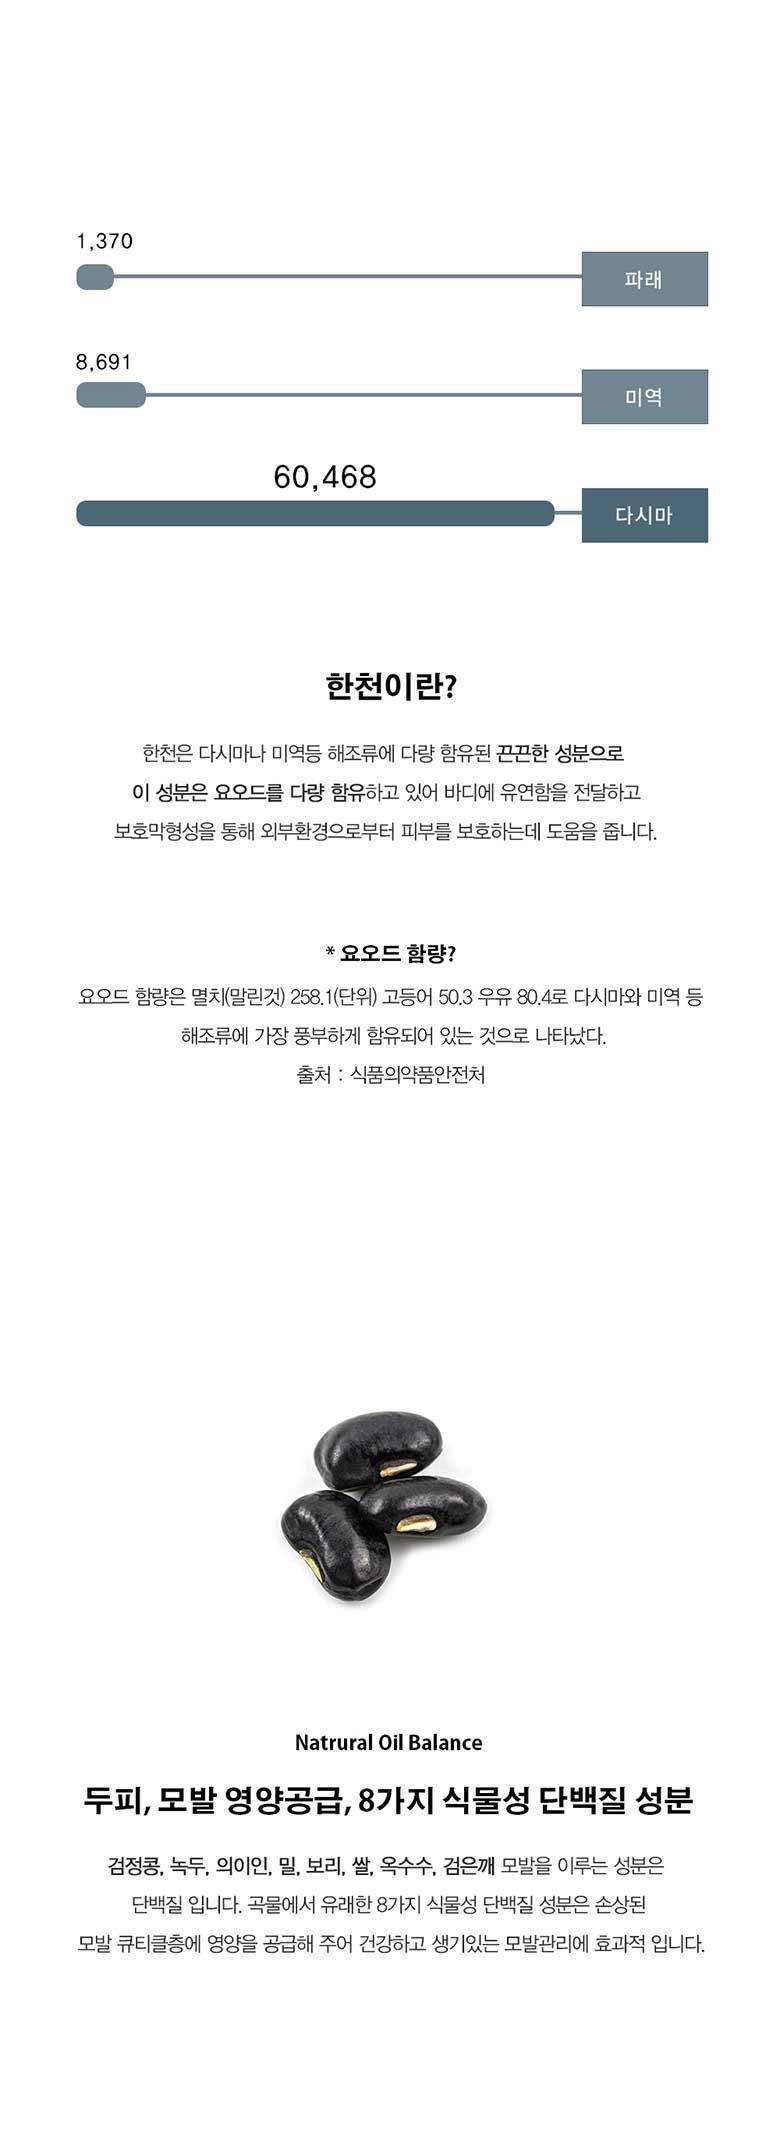 오리엔탈블라썸 너리싱 단백질 샴푸 500g - 딥퍼랑스, 34,000원, 헤어케어, 샴푸/린스